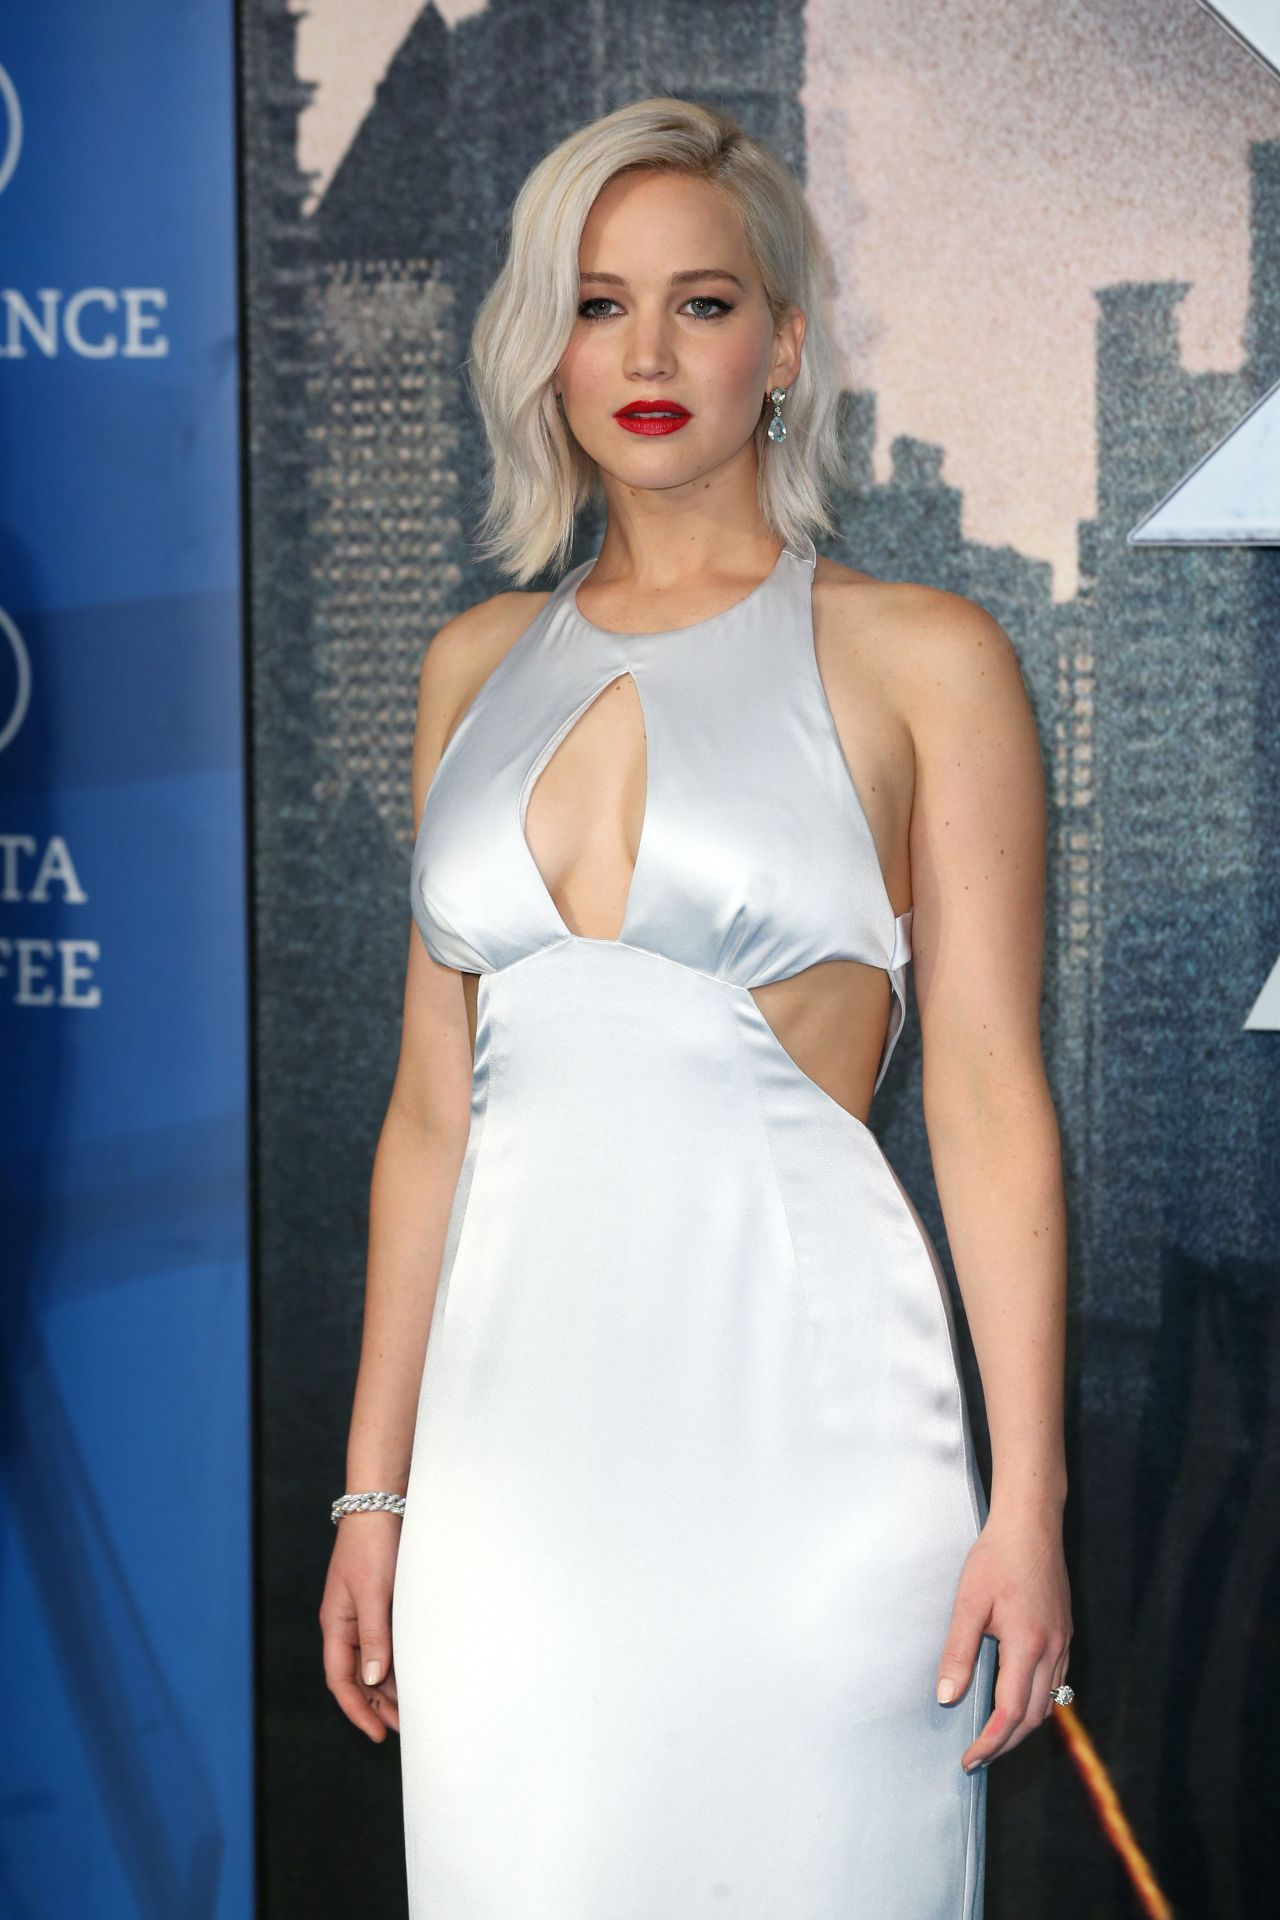 Jennifer Lawrence X Men Apocalypse Premiere In London